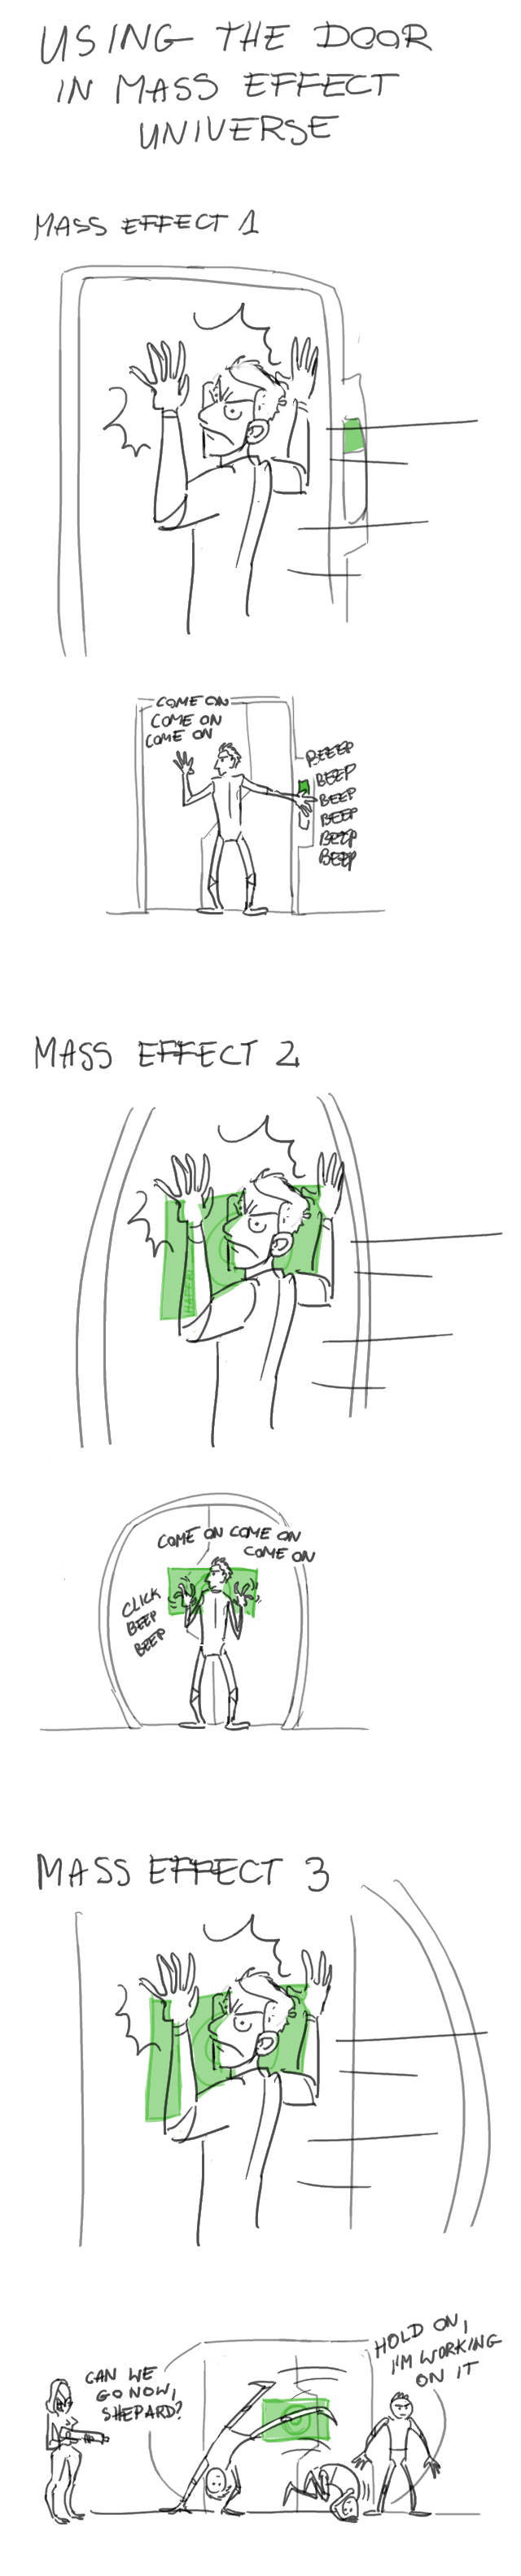 Shepard's only weakness by haffri